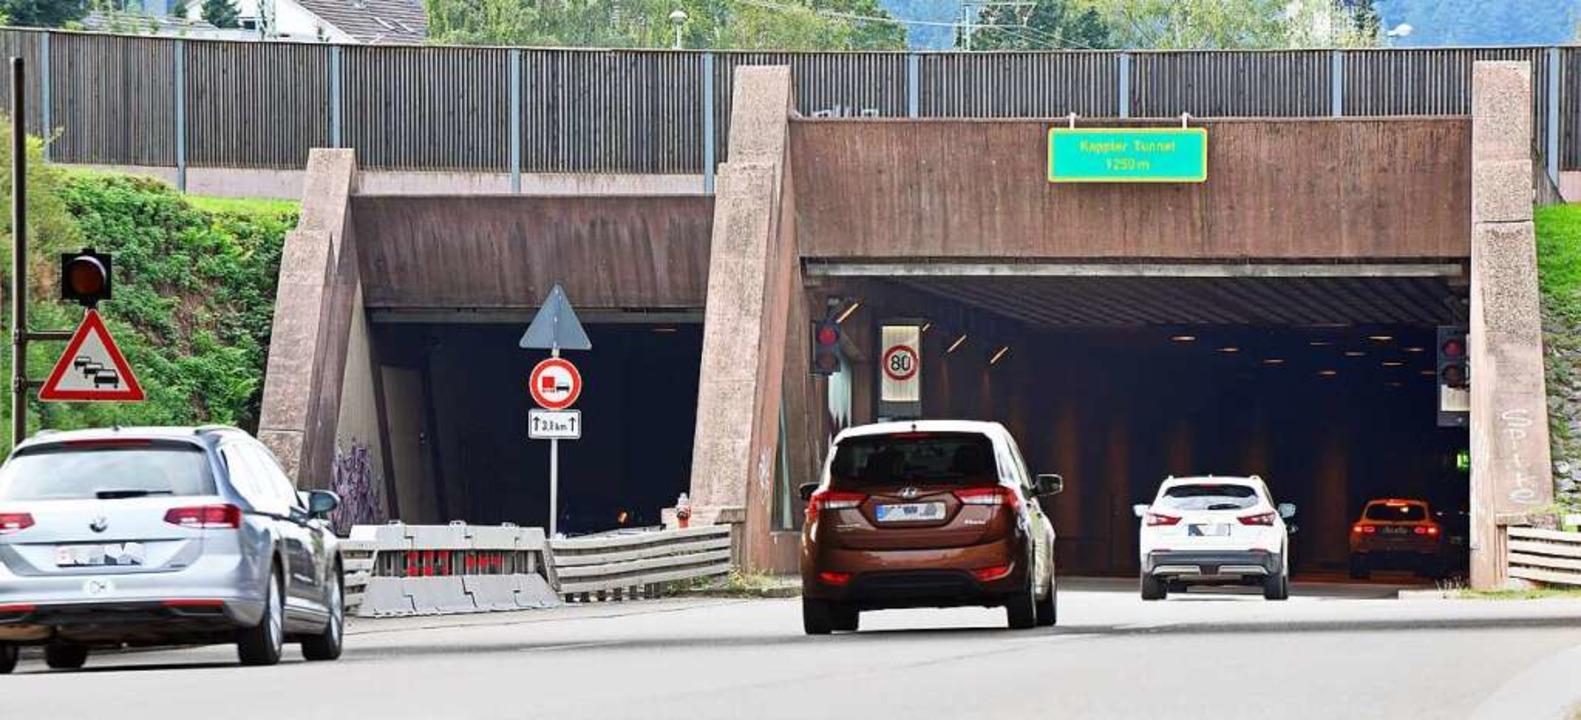 Am Mittwochmorgen mussten die neue Tunnelregelung erstmals eingesetzt werden.  | Foto: Michael Bamberger